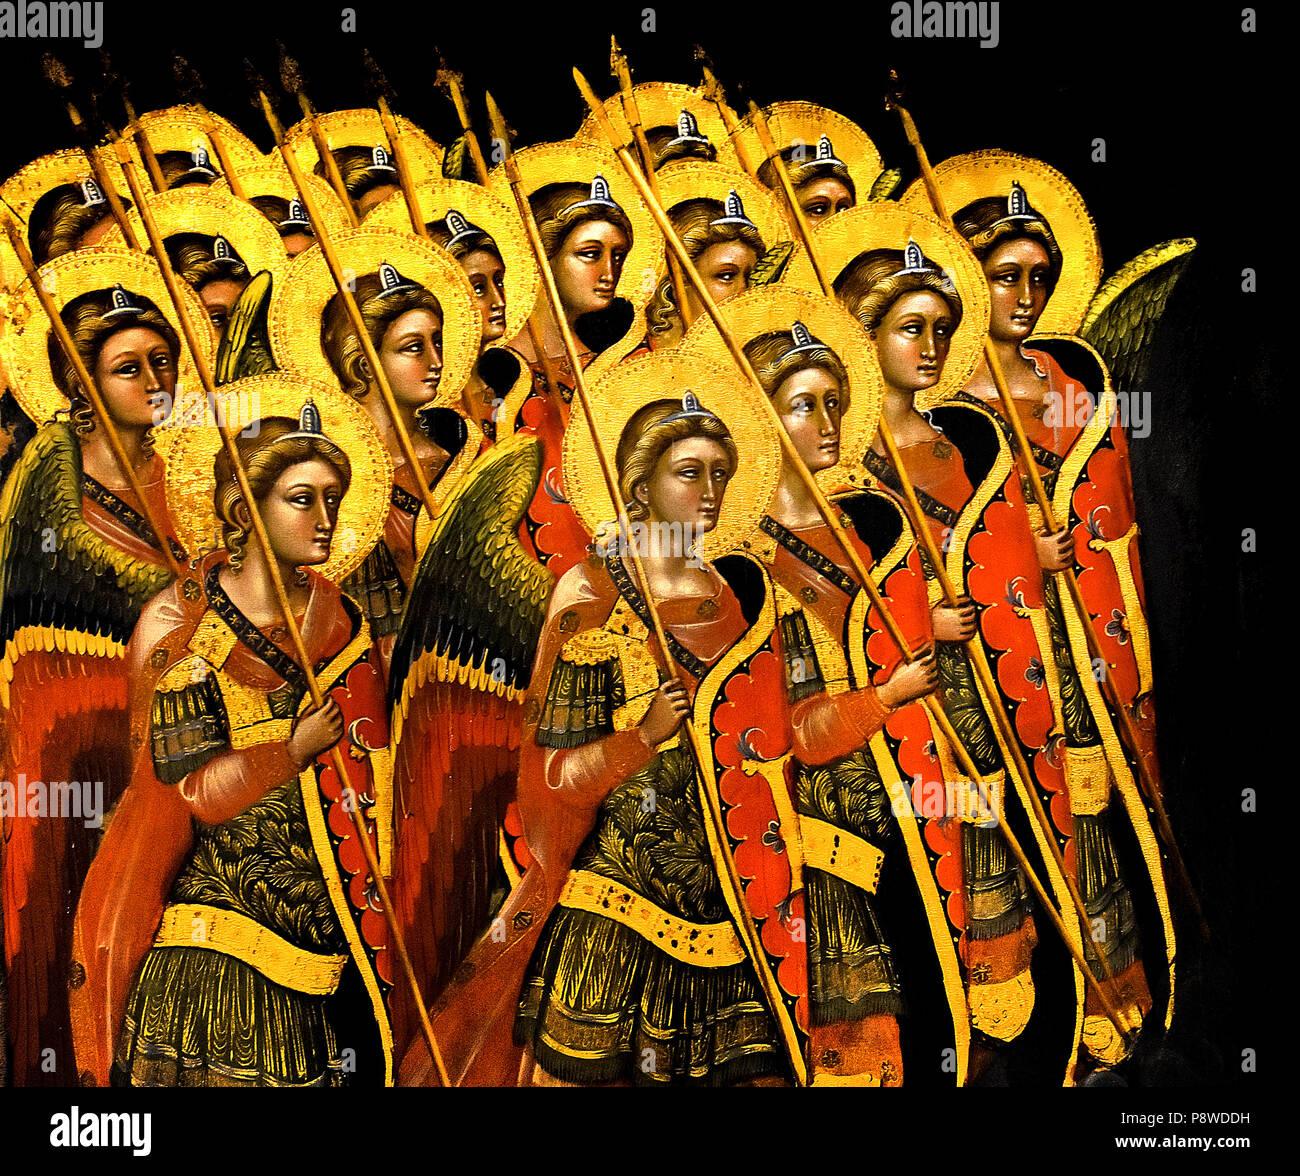 Schiera armati (Arcangeli di angeli ? Armado de la matriz ) ángeles (Arcángeles?) Guariento di Arpo (1310 - 1370), pintor del siglo XIV en Padua. Italia italiano Imagen De Stock